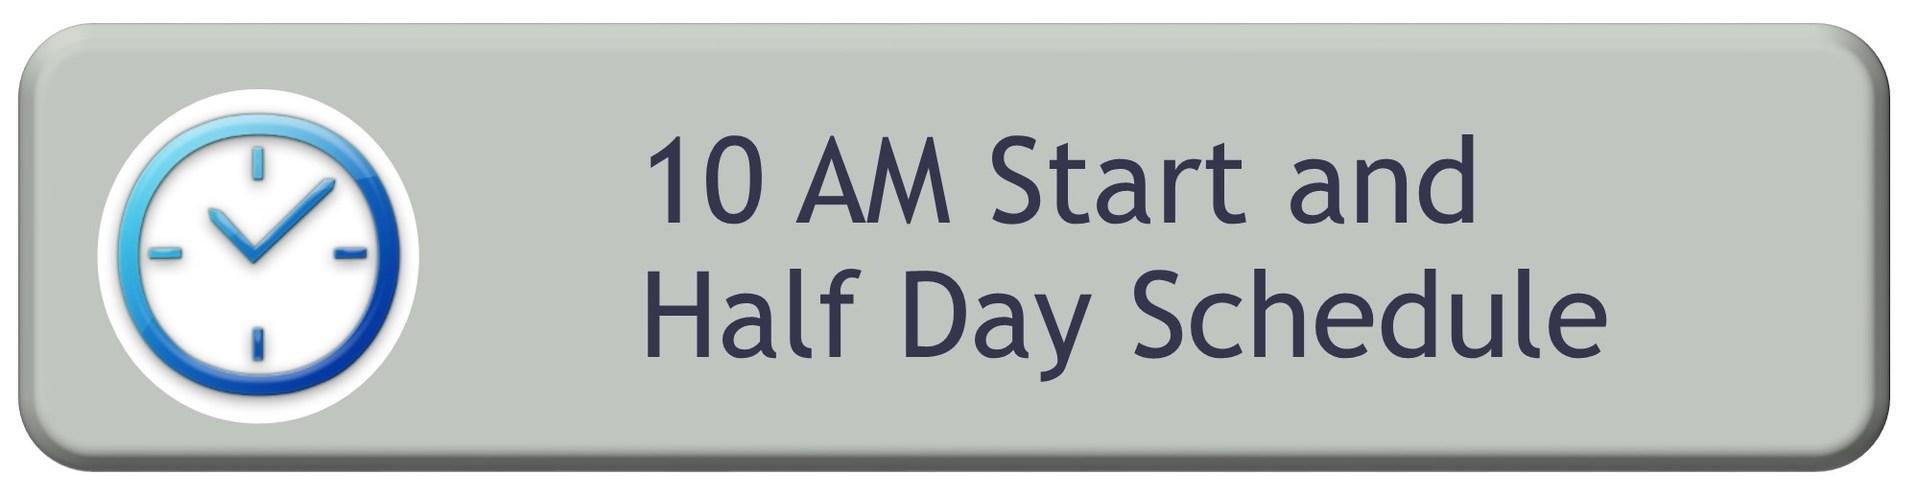 10 AM Start & Half Day